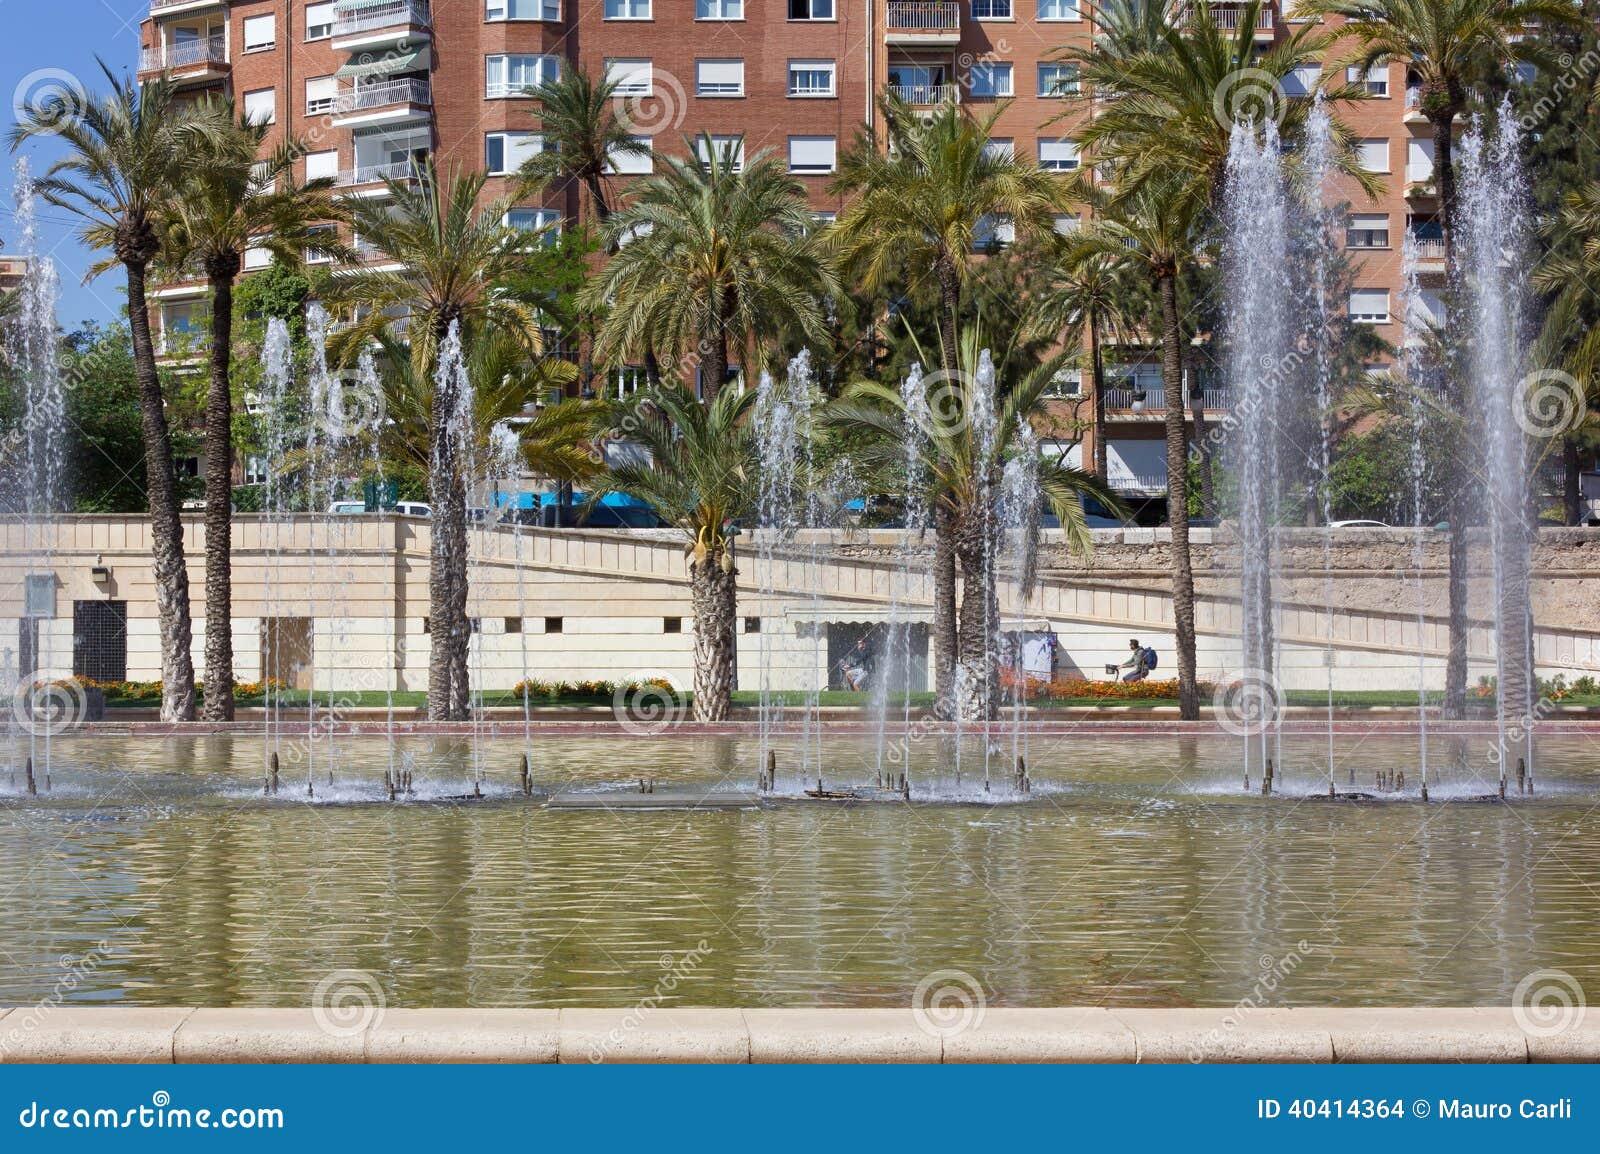 Jardin del turia park in valencia stock foto afbeelding 40414364 - Jardin del turia valencia ...